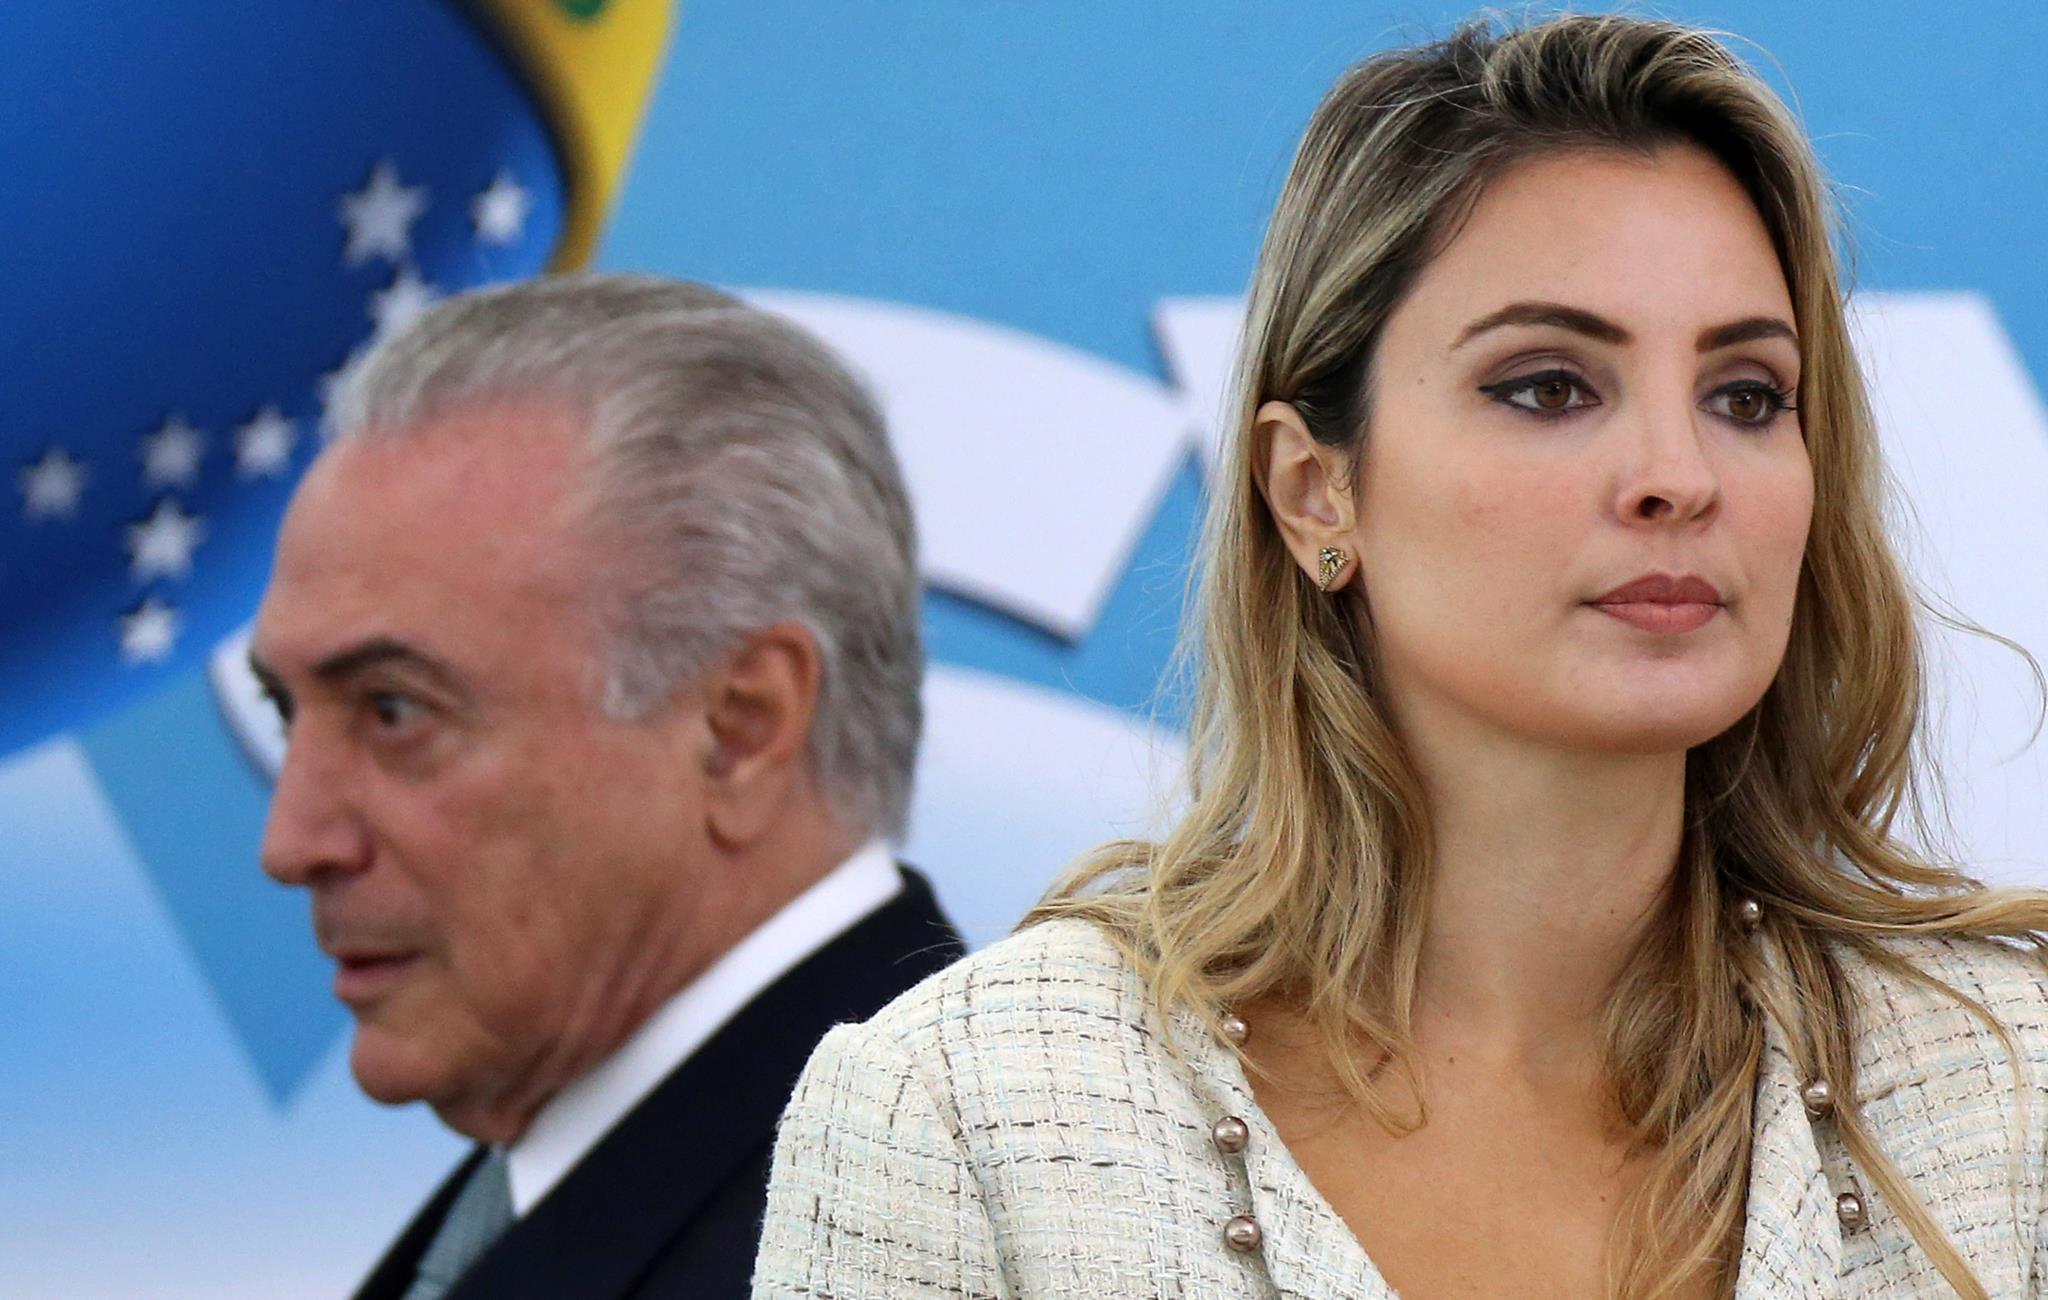 Michel e Marcela Temer numa cerimónia no Palácio do Planalto em Dezembro